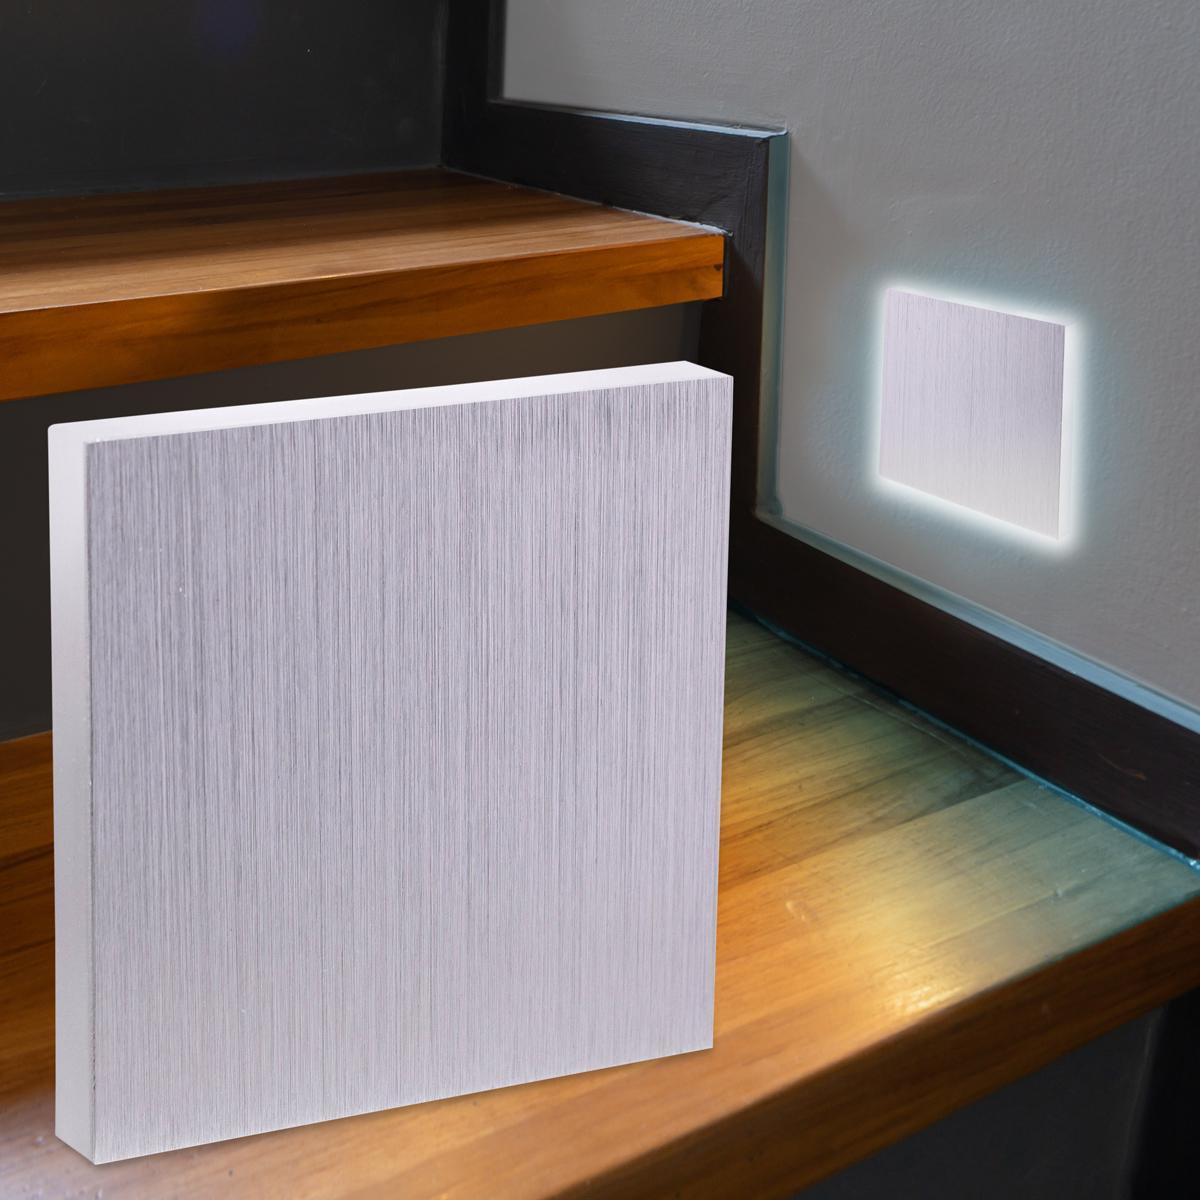 LED Treppenbeleuchtung Wandeinbauleuchte Kaltweiß 230V 1.5W Alu-gebürstet Lichtaustritt seitlich